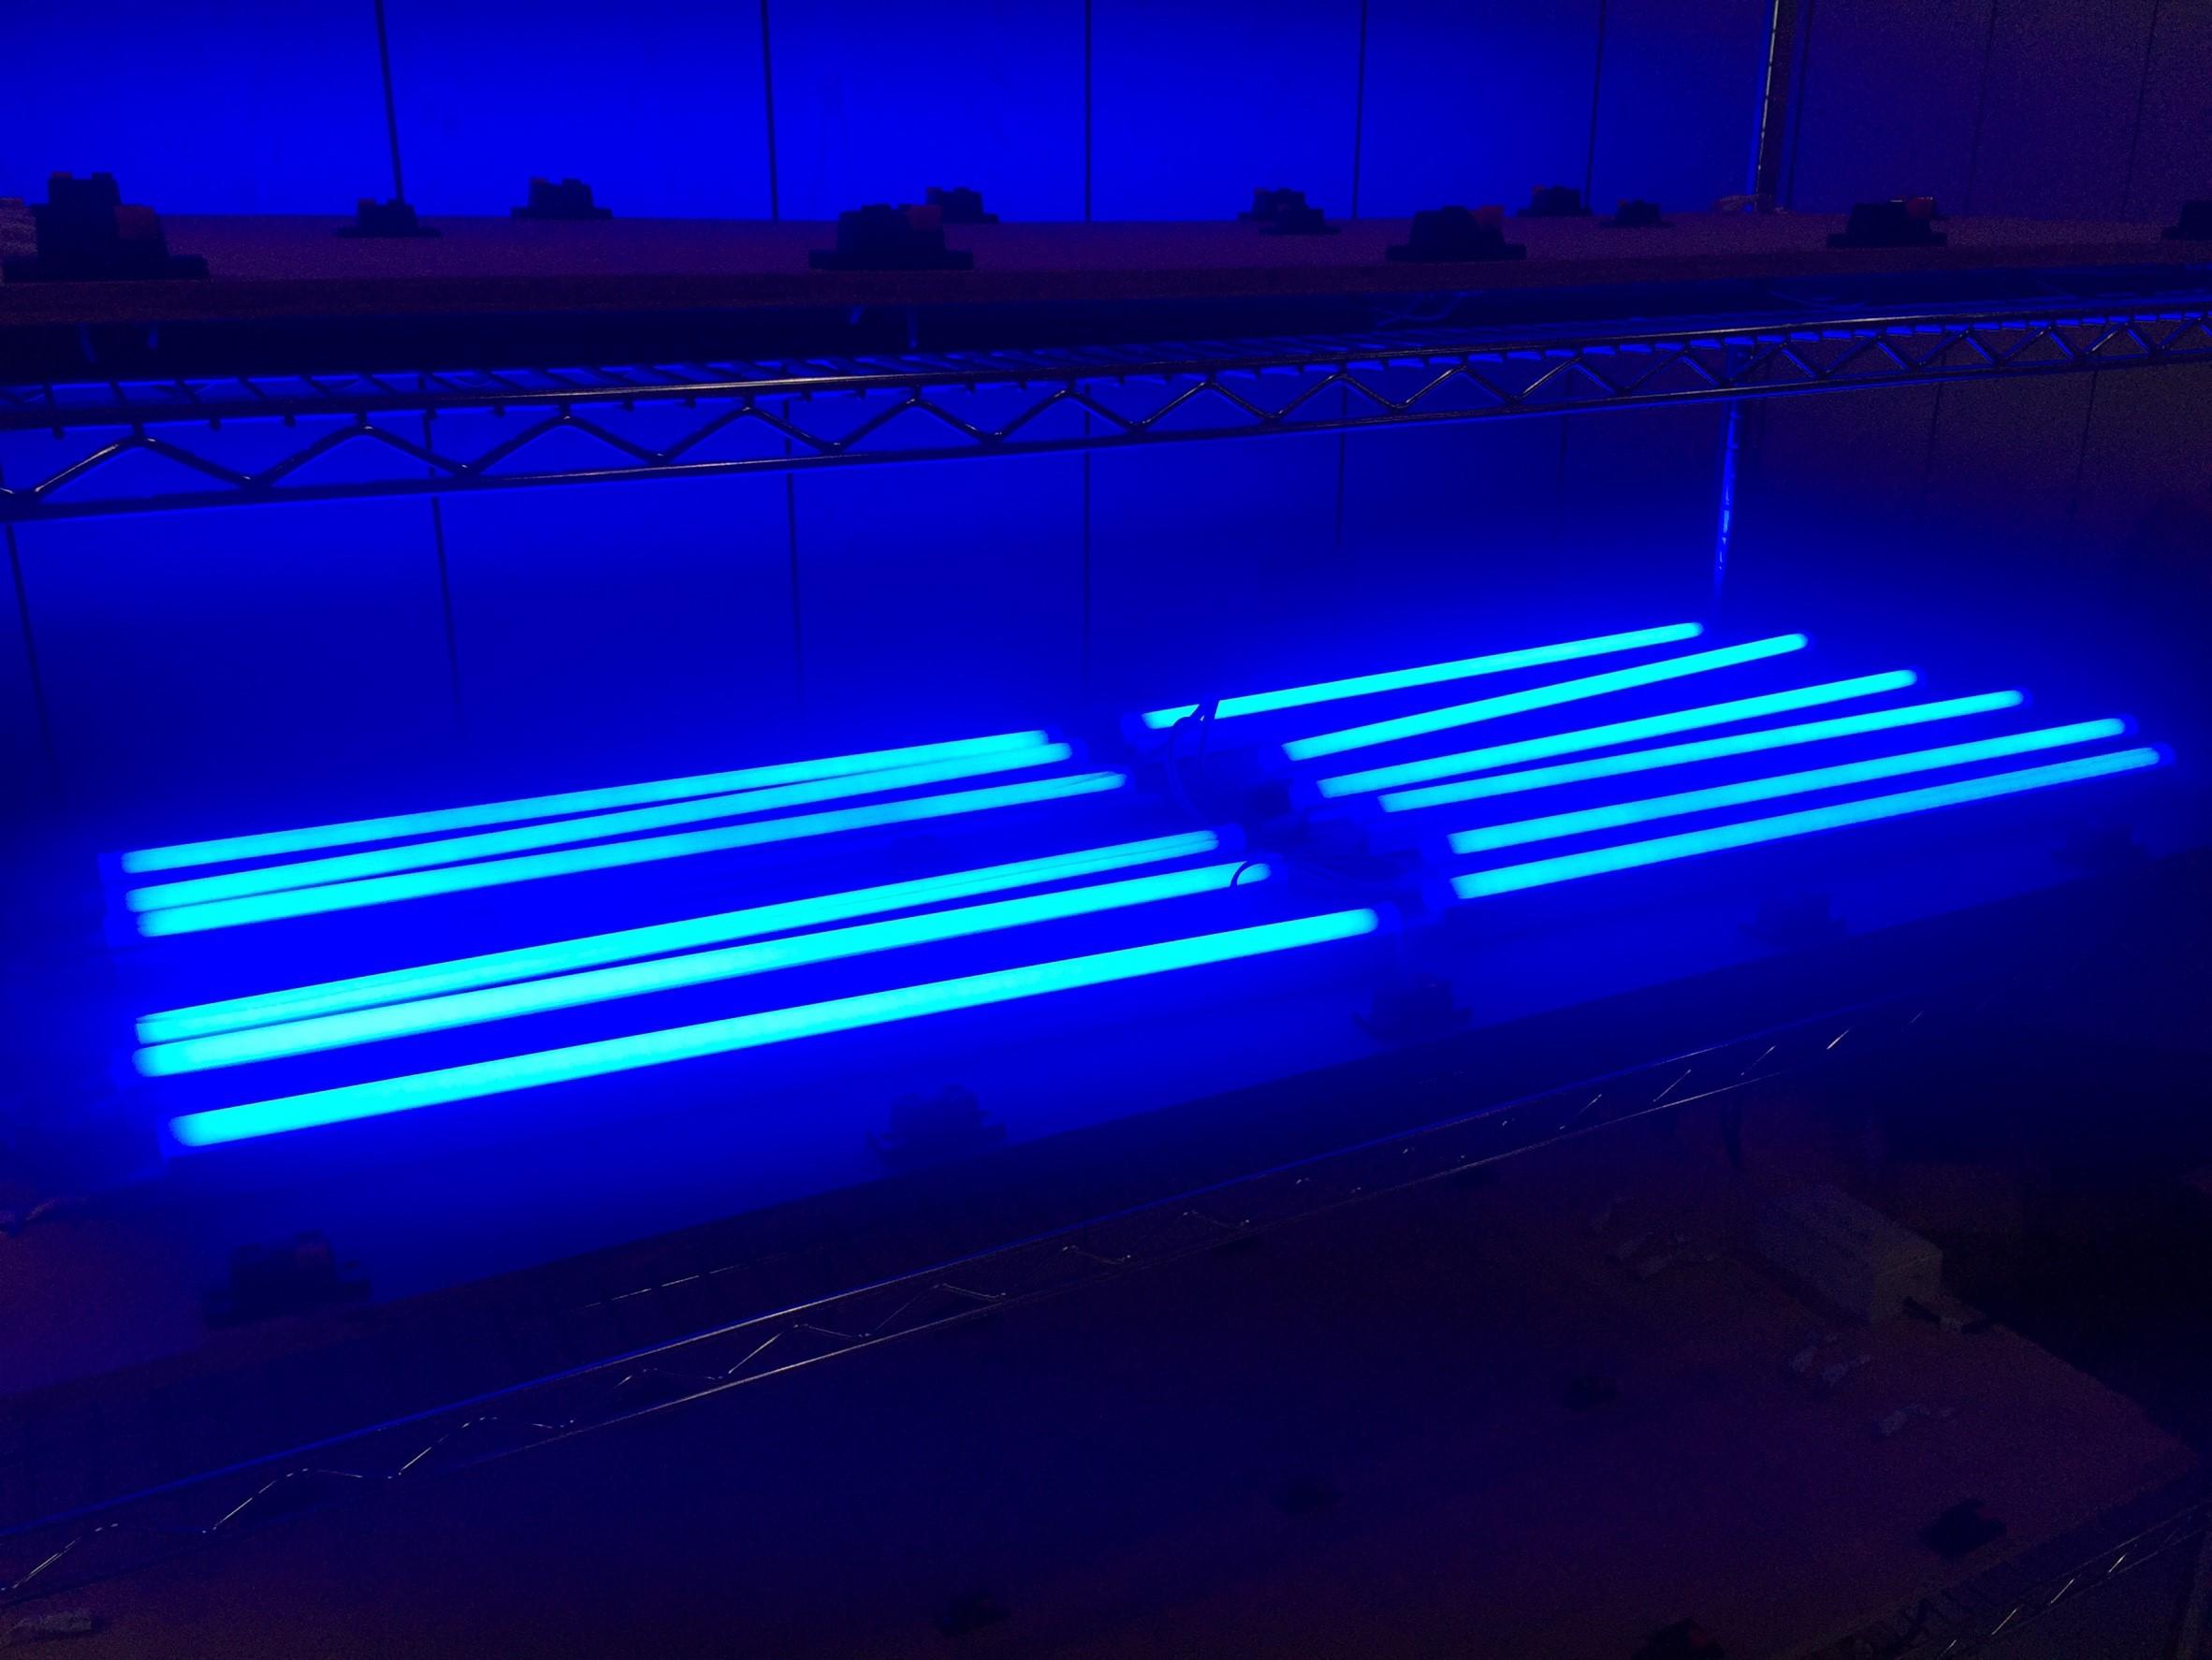 T5藍光 20160419_170209_0007